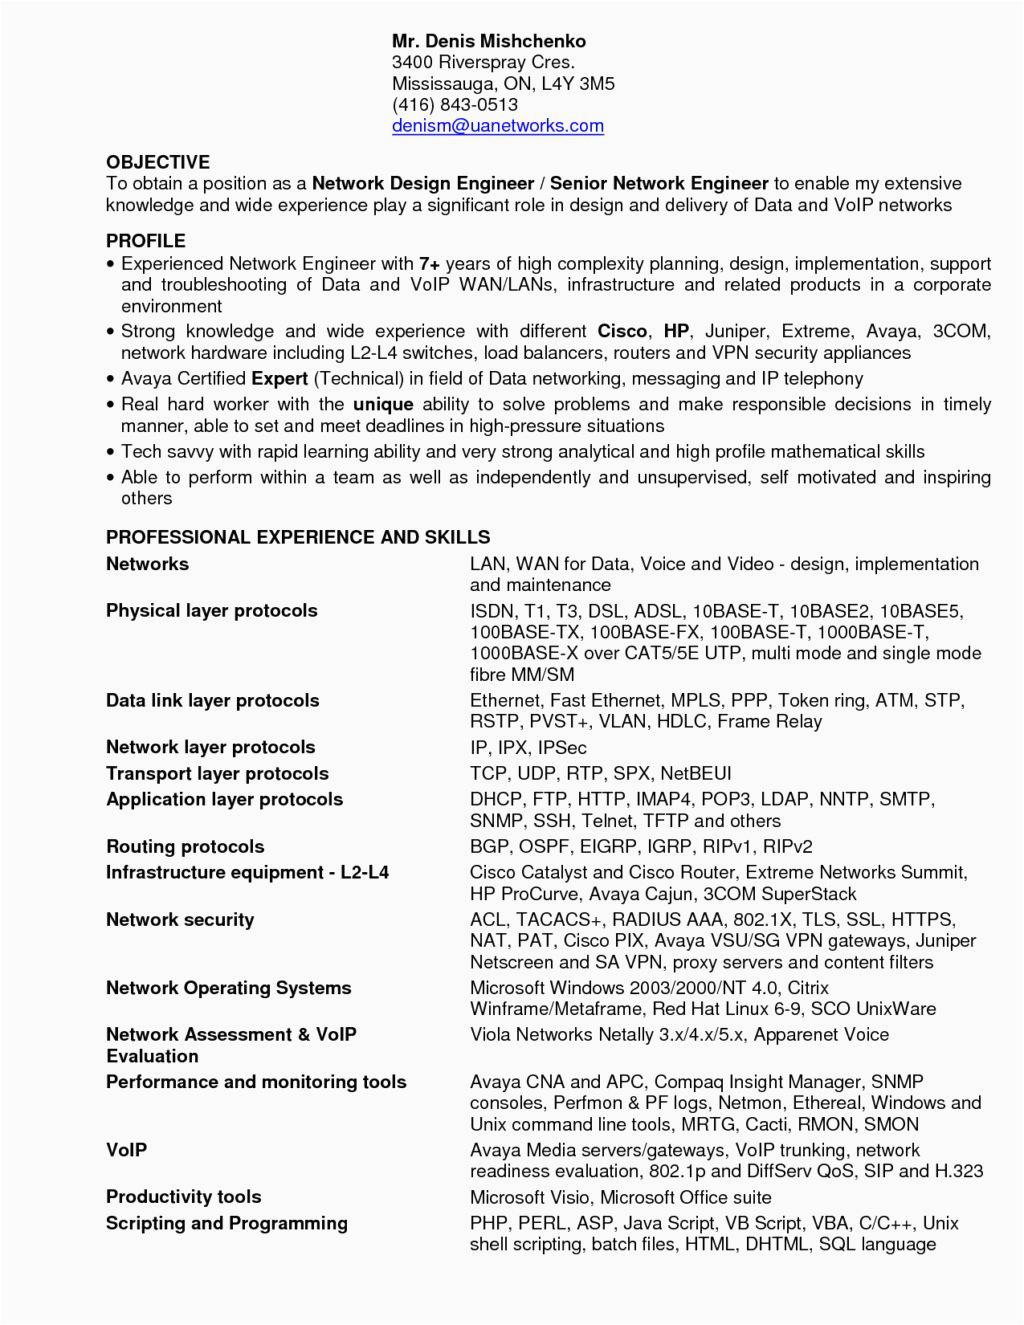 network engineer resume sample for fresher